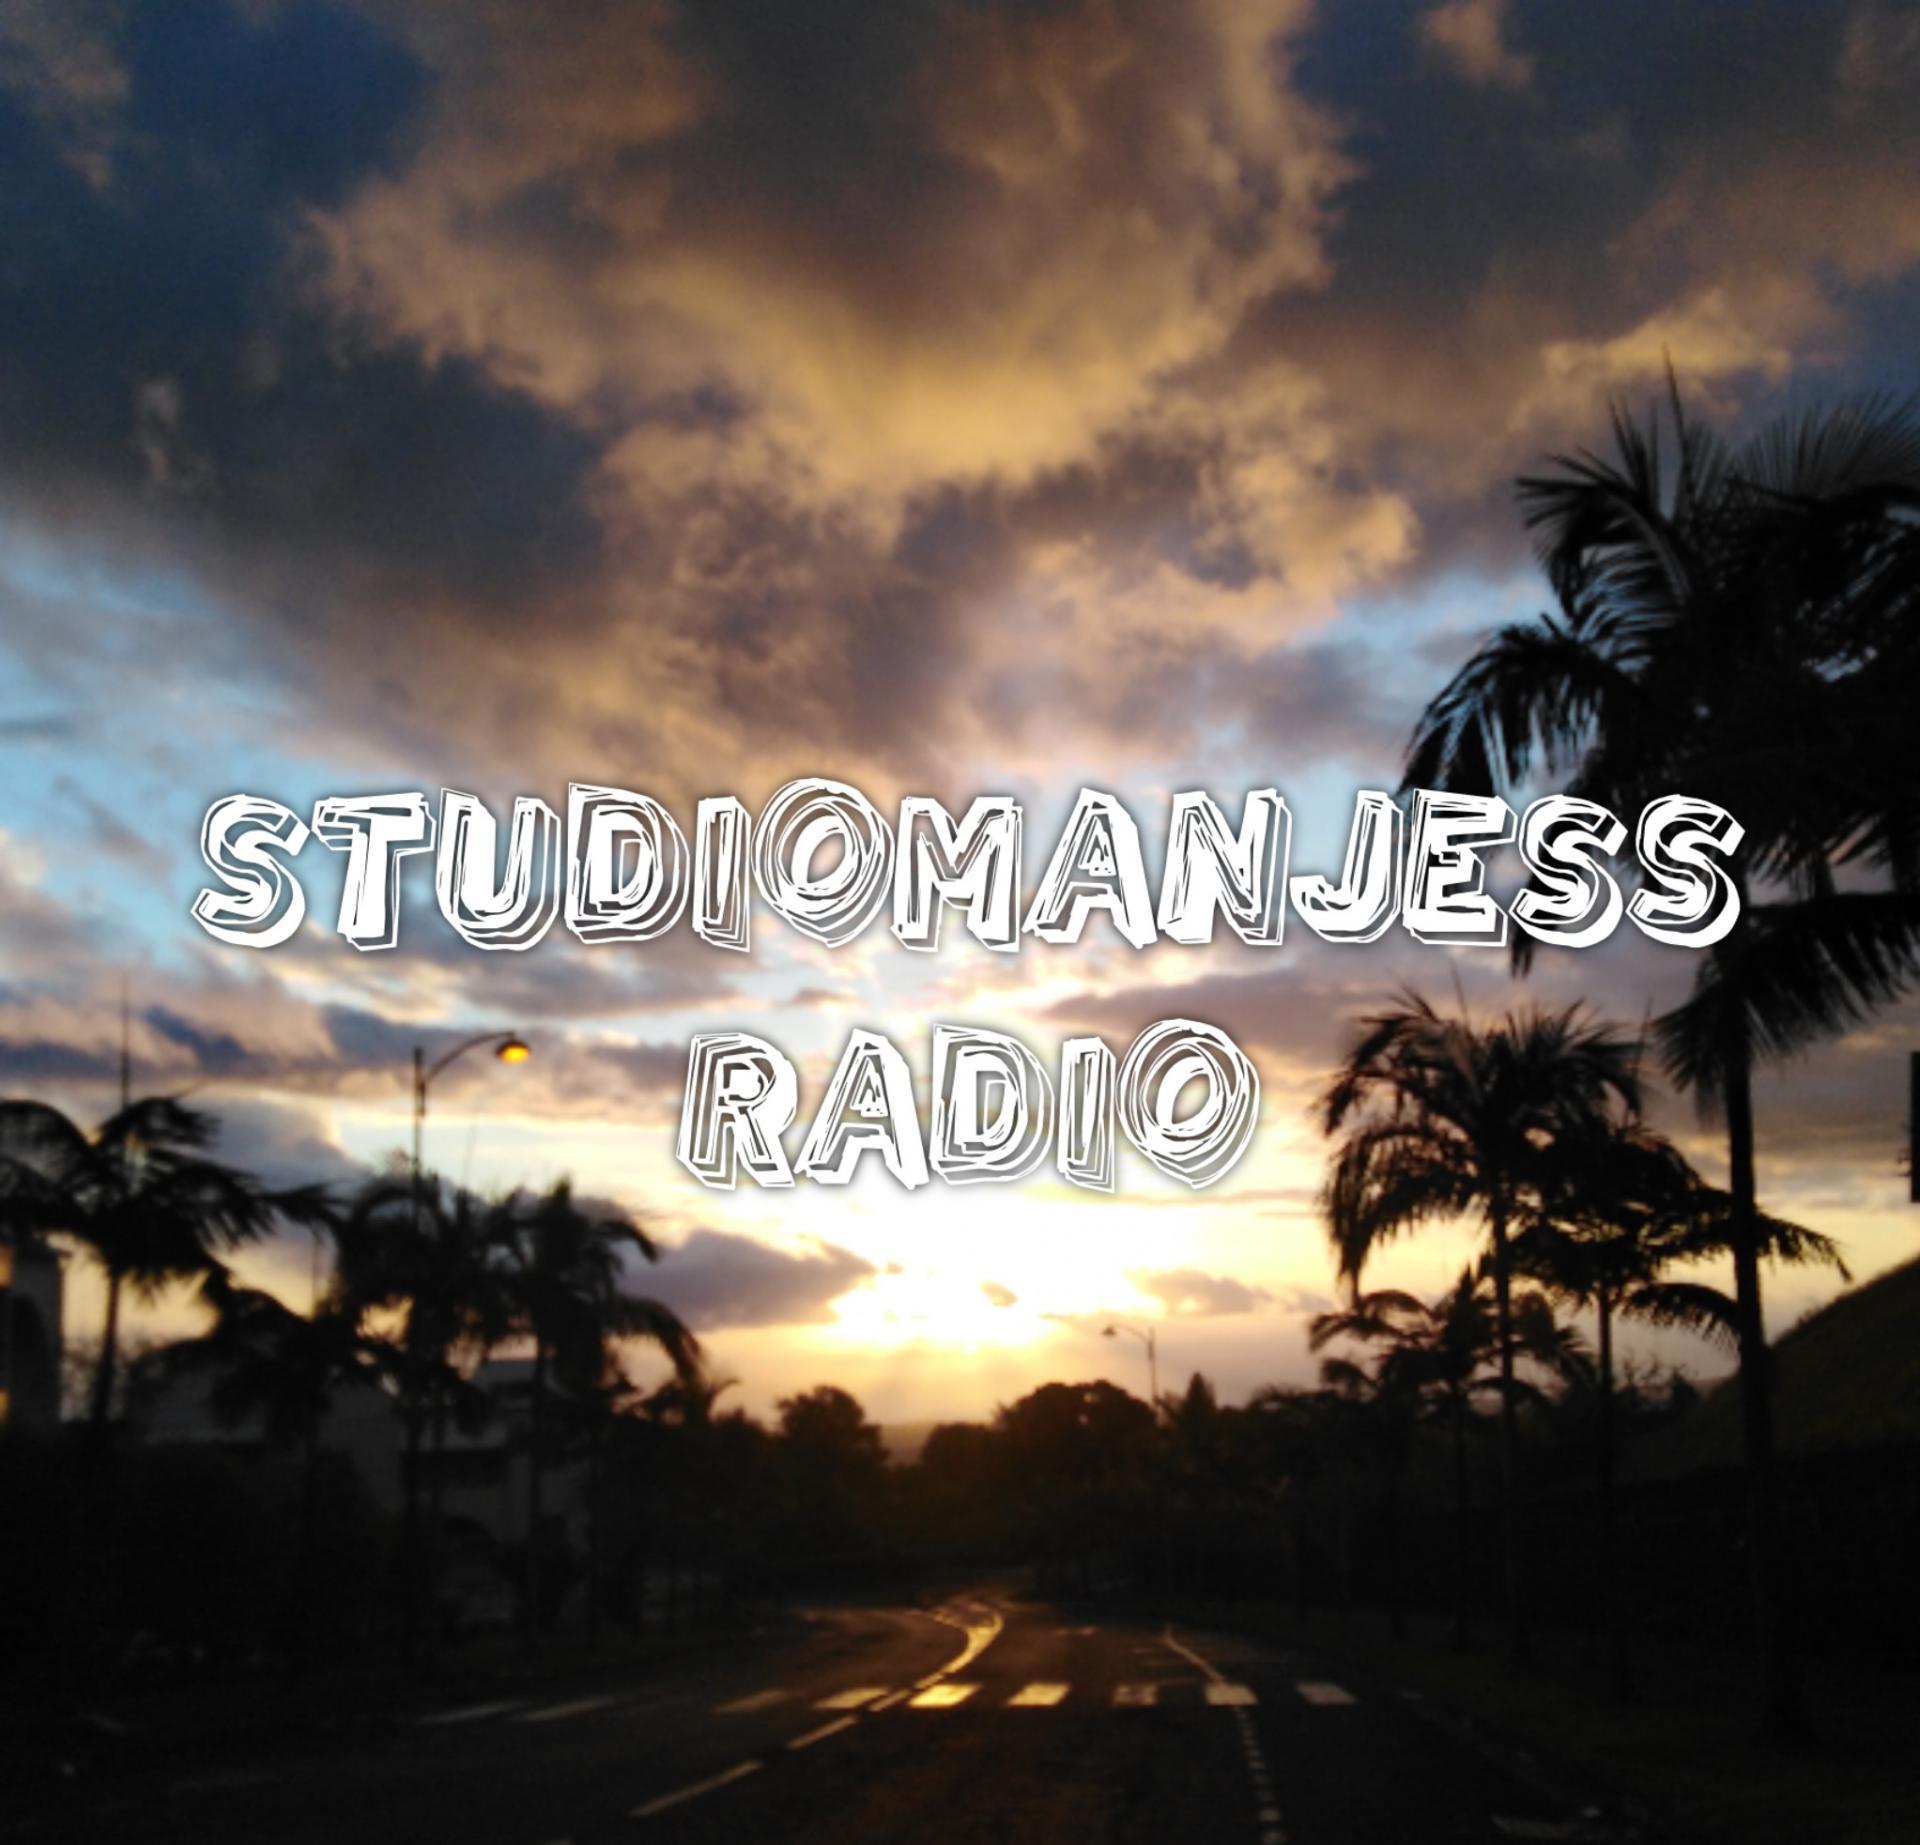 Studiomanjess radio